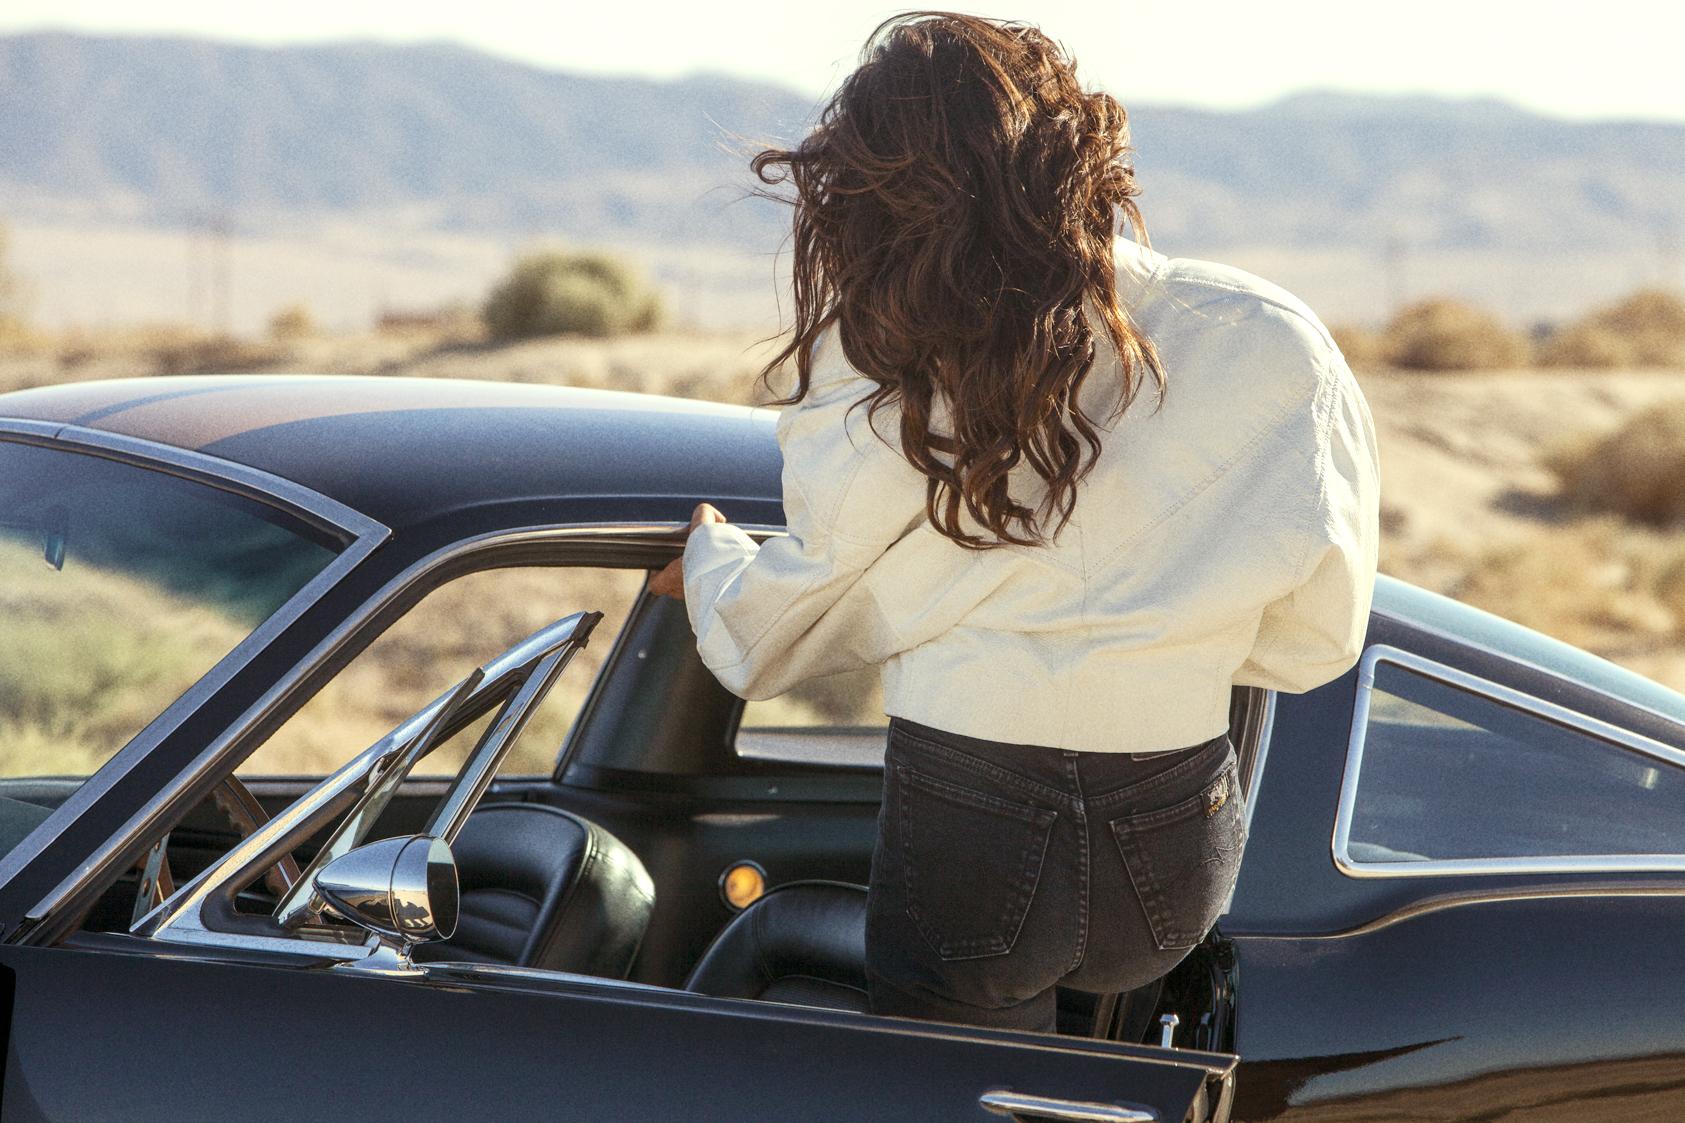 carback.jpg